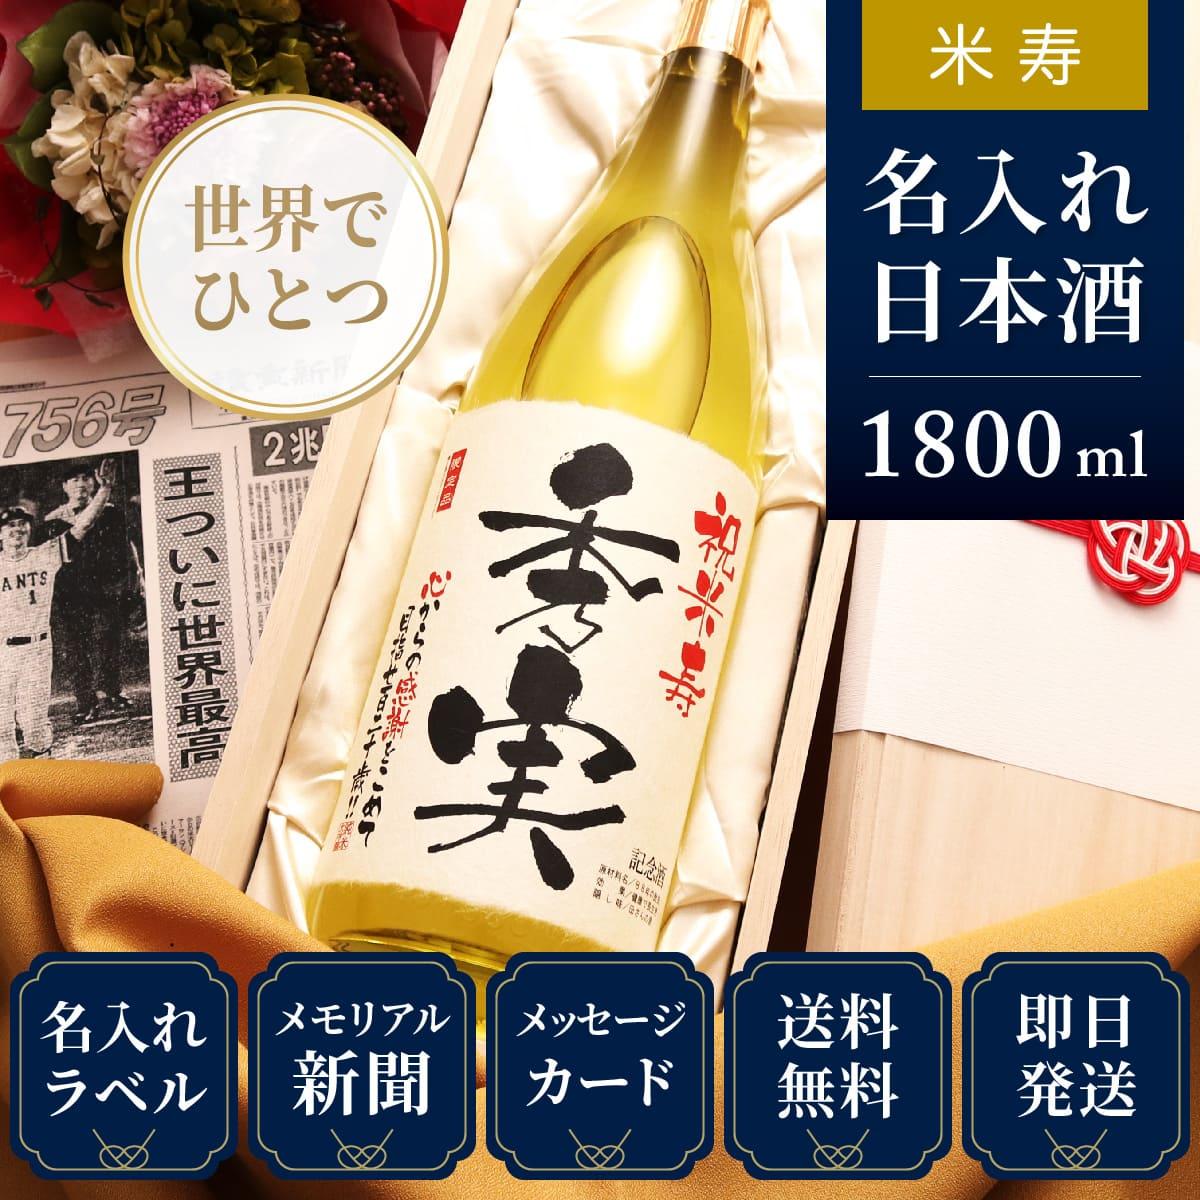 米寿祝いプレゼント|記念日の新聞付き名入れ「黄凛」1800ml(日本酒)